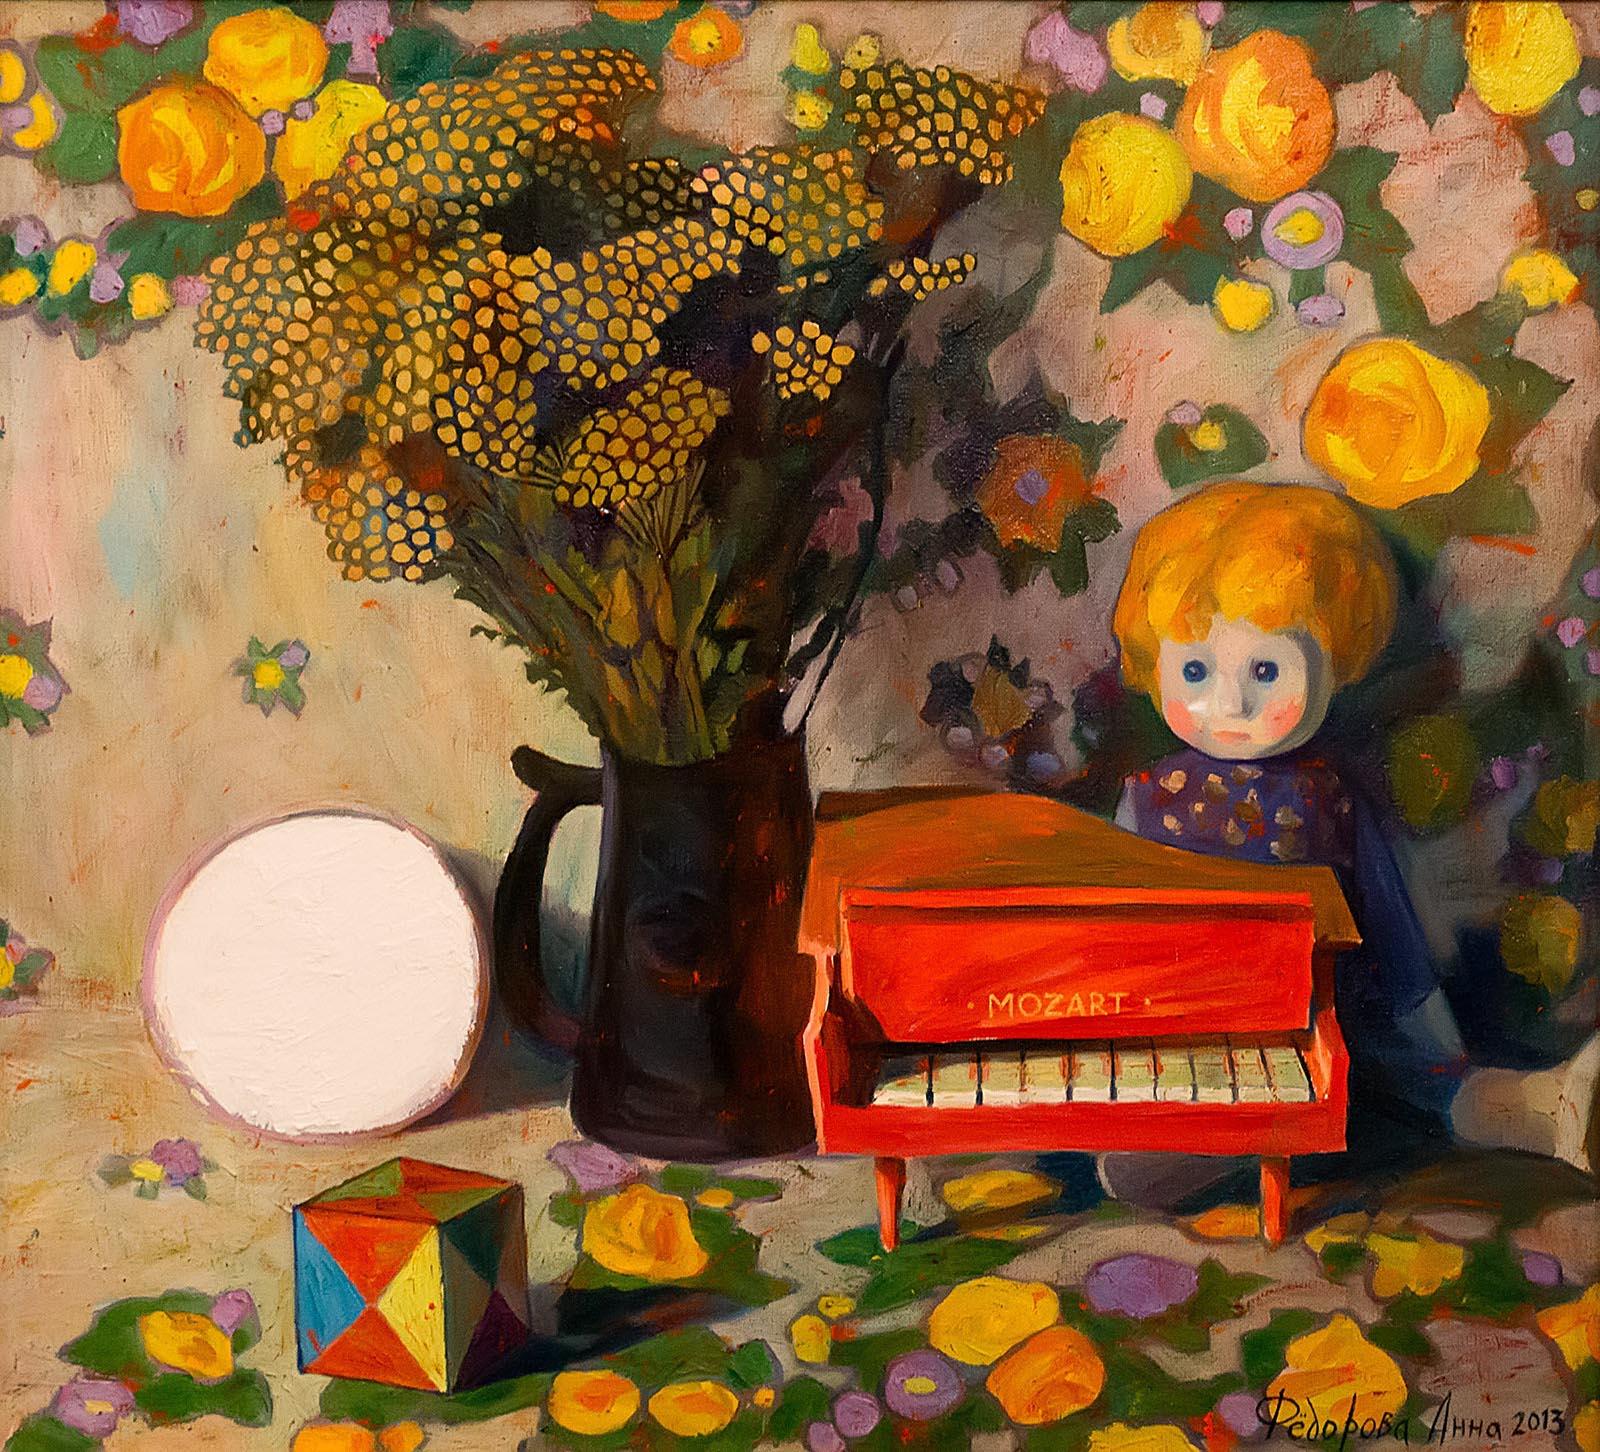 Фото №186358. Art16.ru Photo archive